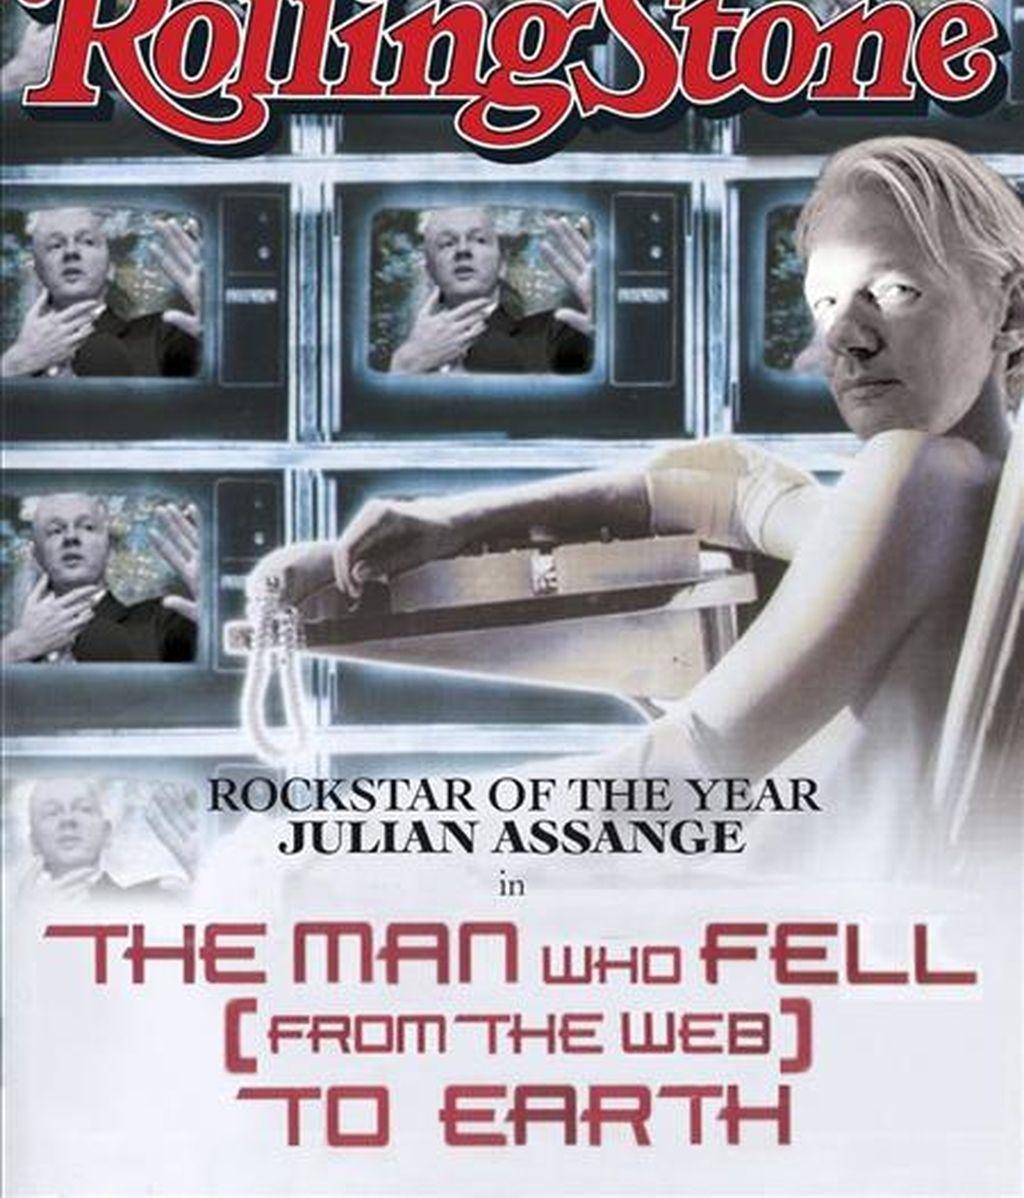 """Fotografía facilitada por la publicación Rolling Stone de la portada de la revista para el mes de enero de 2011 en la que aparece Julian Assange emulando a David Bowie en la película """"El hombre que cayó a la tierra"""" (1976). EFE"""